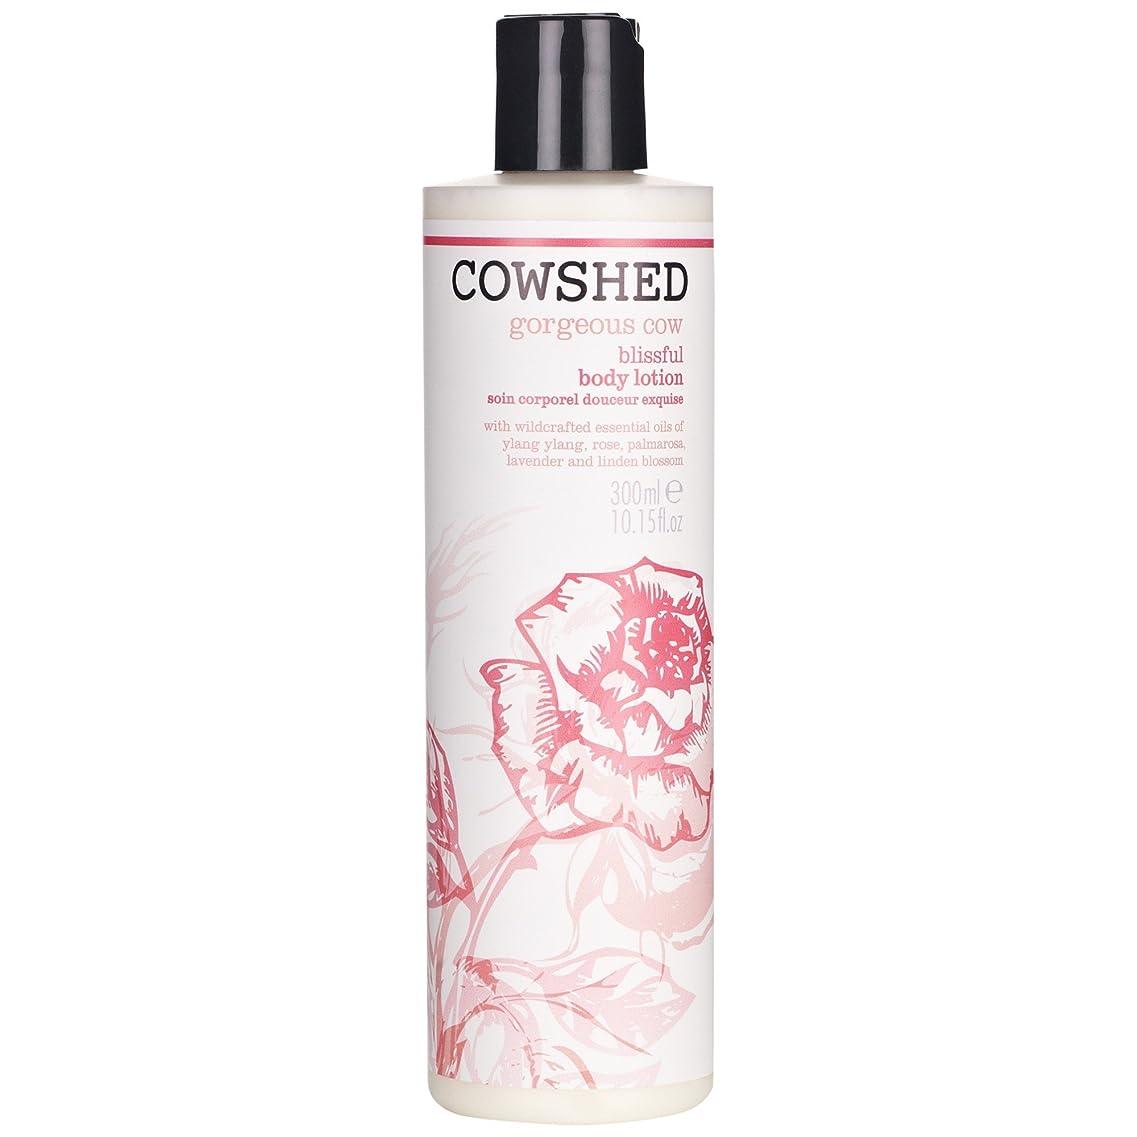 不完全な花に水をやる人里離れた牛舎ゴージャスな牛のボディローション300ミリリットル (Cowshed) - Cowshed Gorgeous Cow Body Lotion 300ml [並行輸入品]